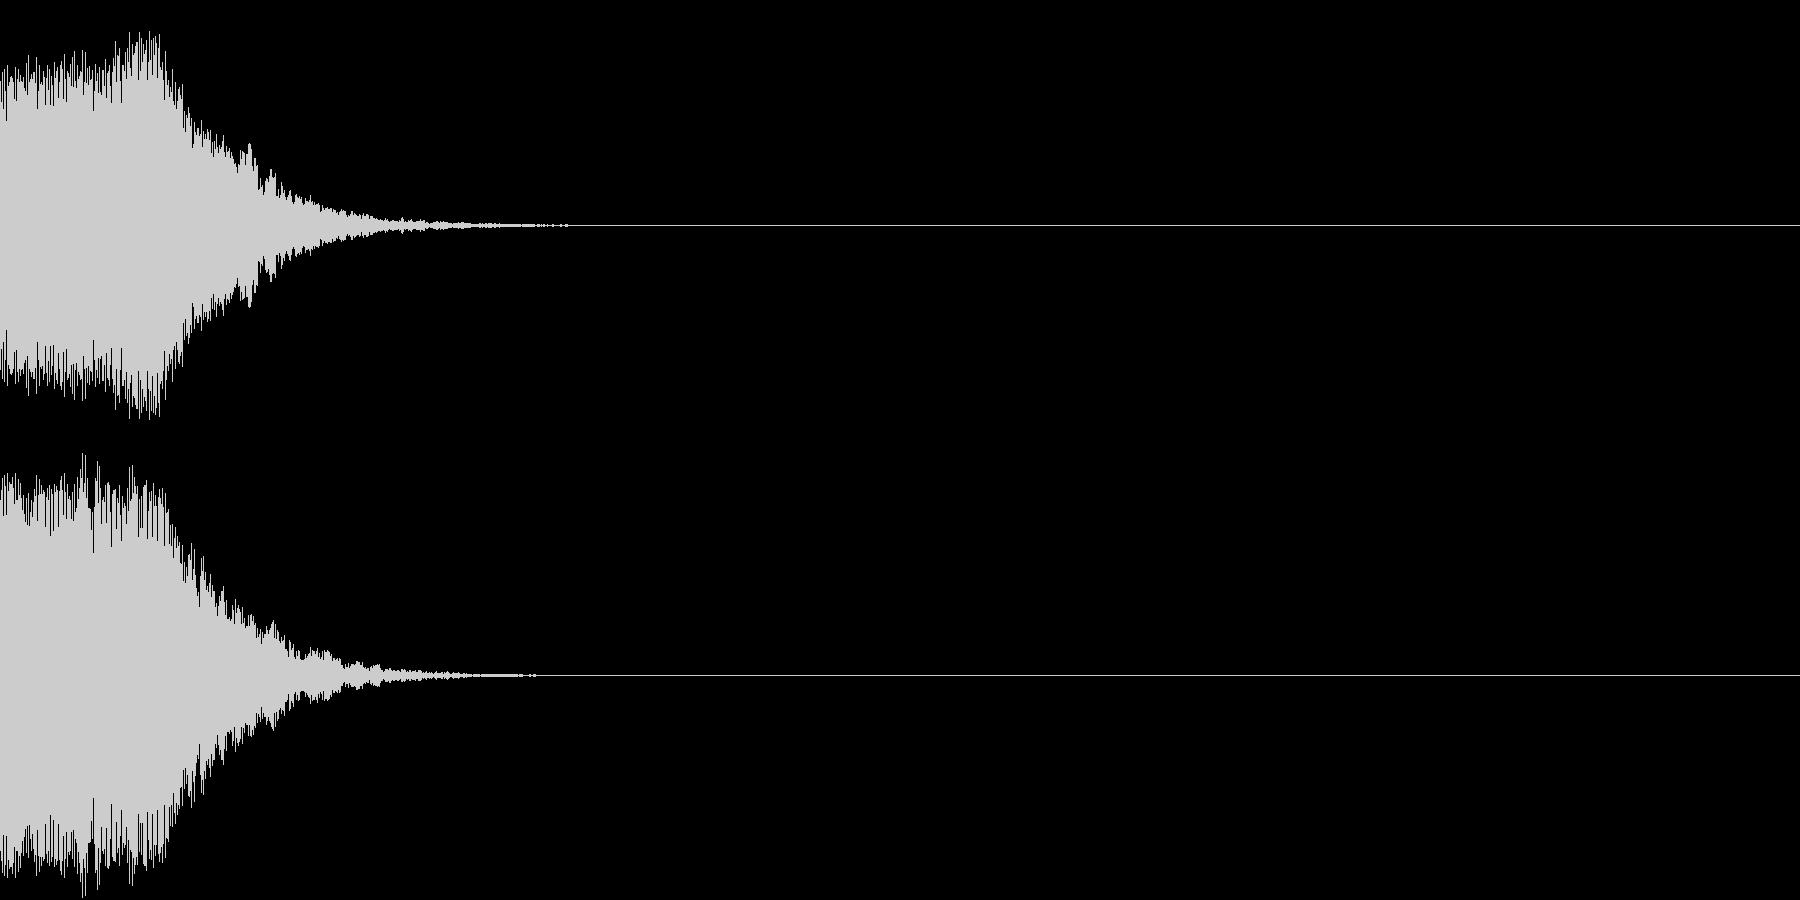 ズーン(意気消沈・落ち込む・コミカル)の未再生の波形